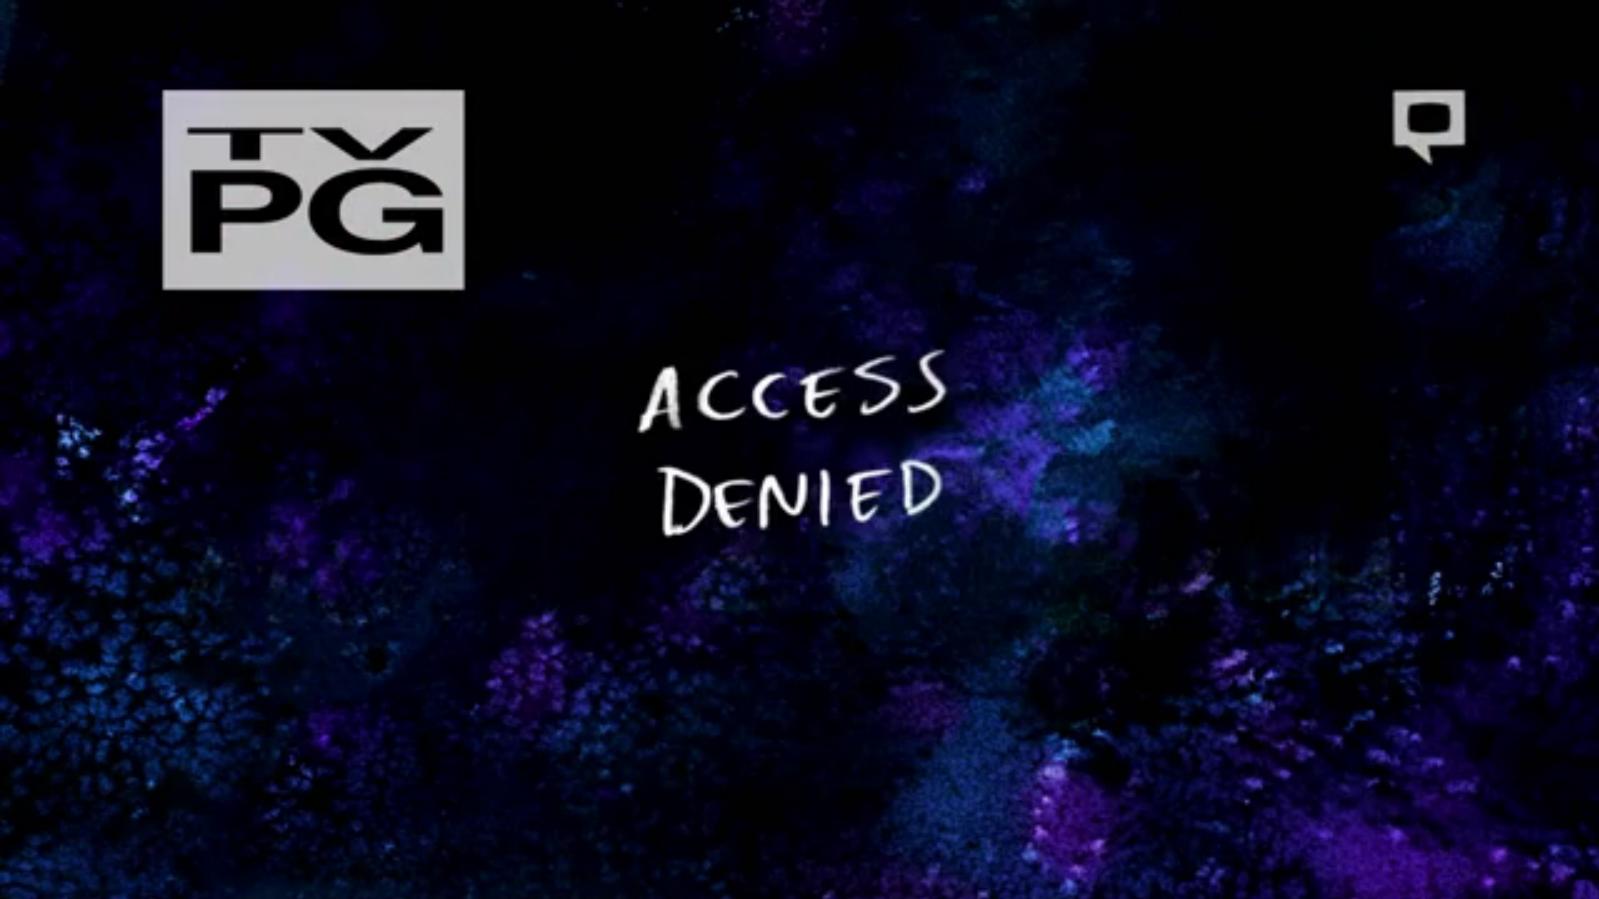 Access denied swlb-403 жж - 471d8